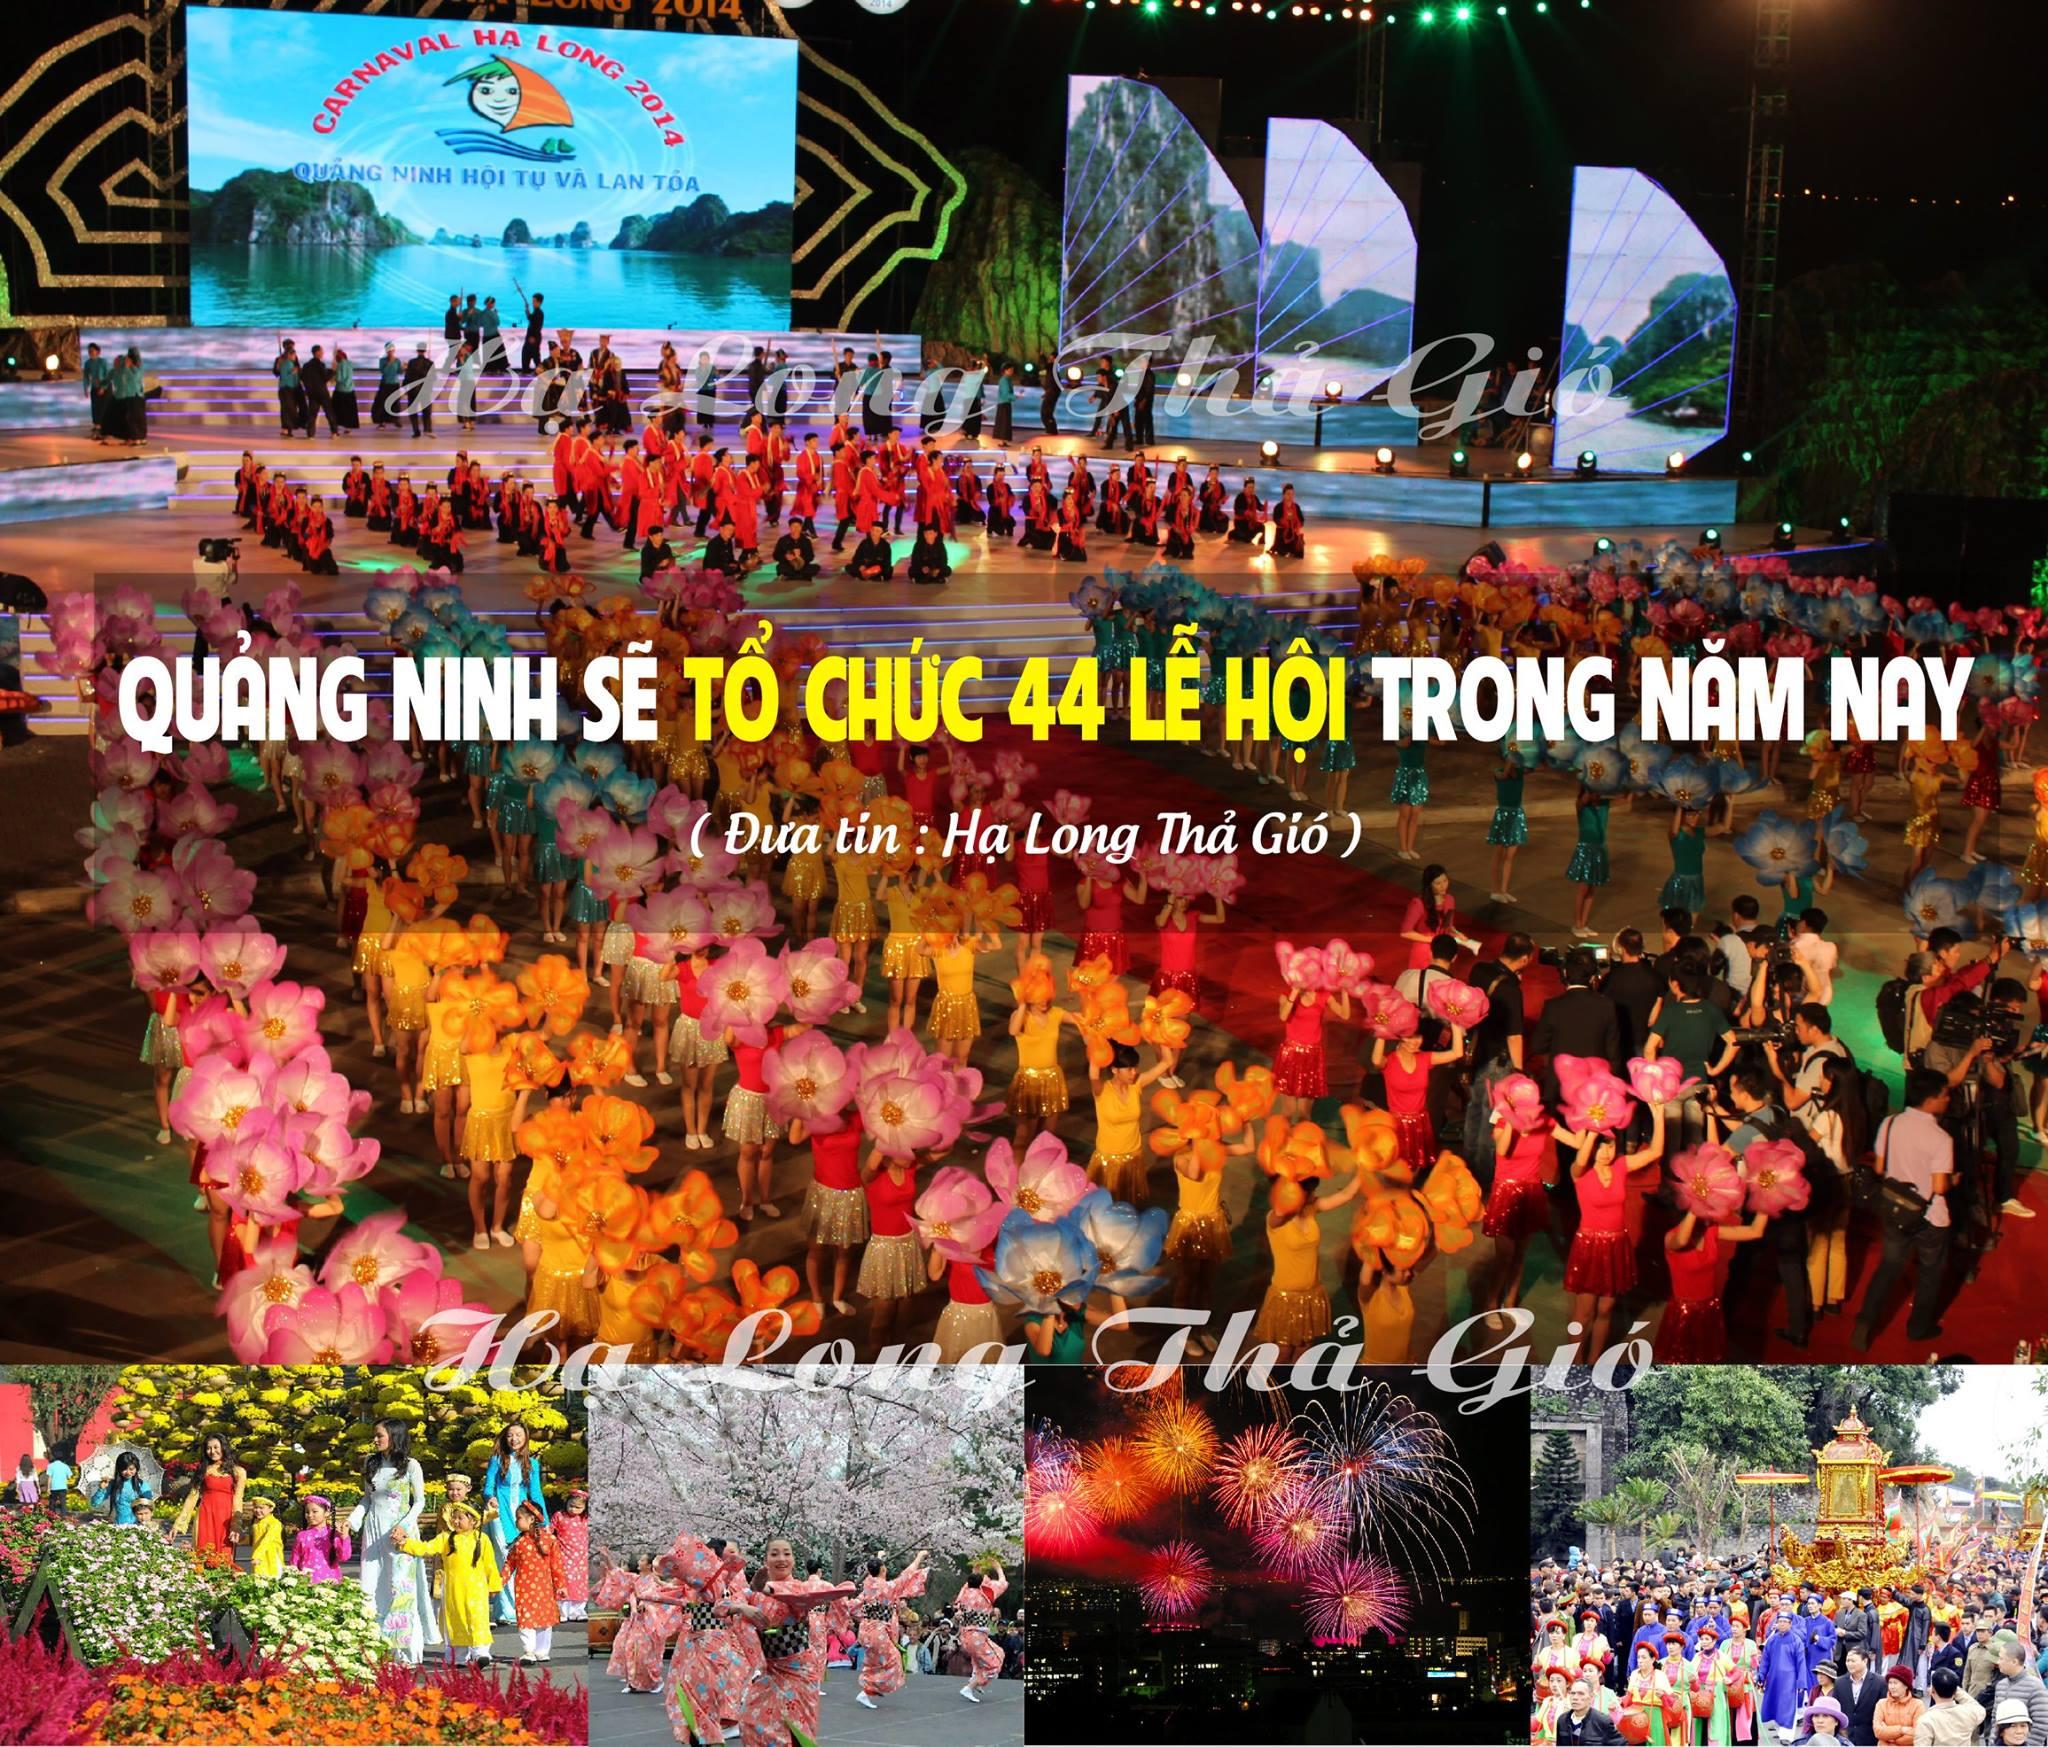 Quảng Ninh sẽ tổ chức tổng cộng 44 LỄ HỘI - năm 2018